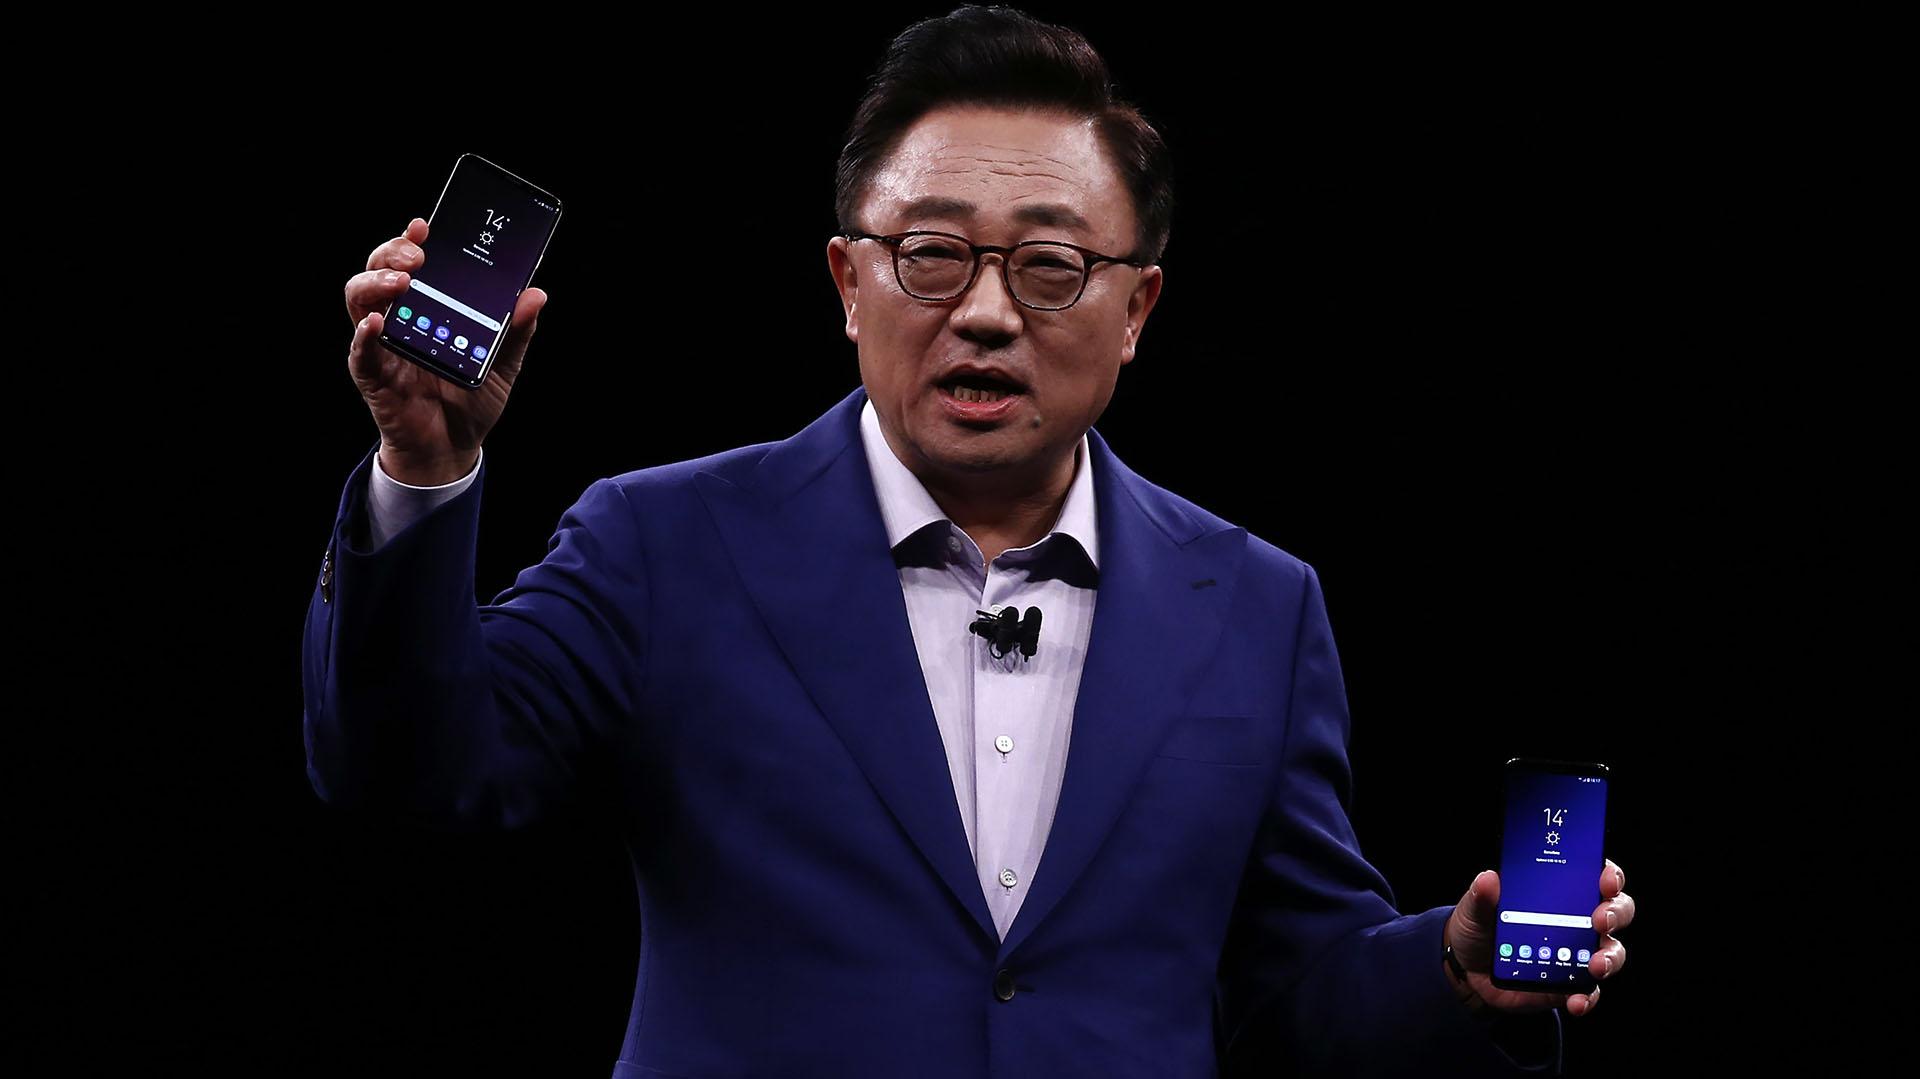 Tal como se informó en la presentación de los nuevos productos, los Galaxy S9 y S9+ saldrán a la venta en Estados Unidos y Corea del Sur a partir del 16 de marzoy se ofrecerán en cuatro tonos: negro (Midnight Black), gris (Titanium Gray), azul (Coral Blue) y lila (Lilac Purple)(AP Photo/Manu Fernandez)